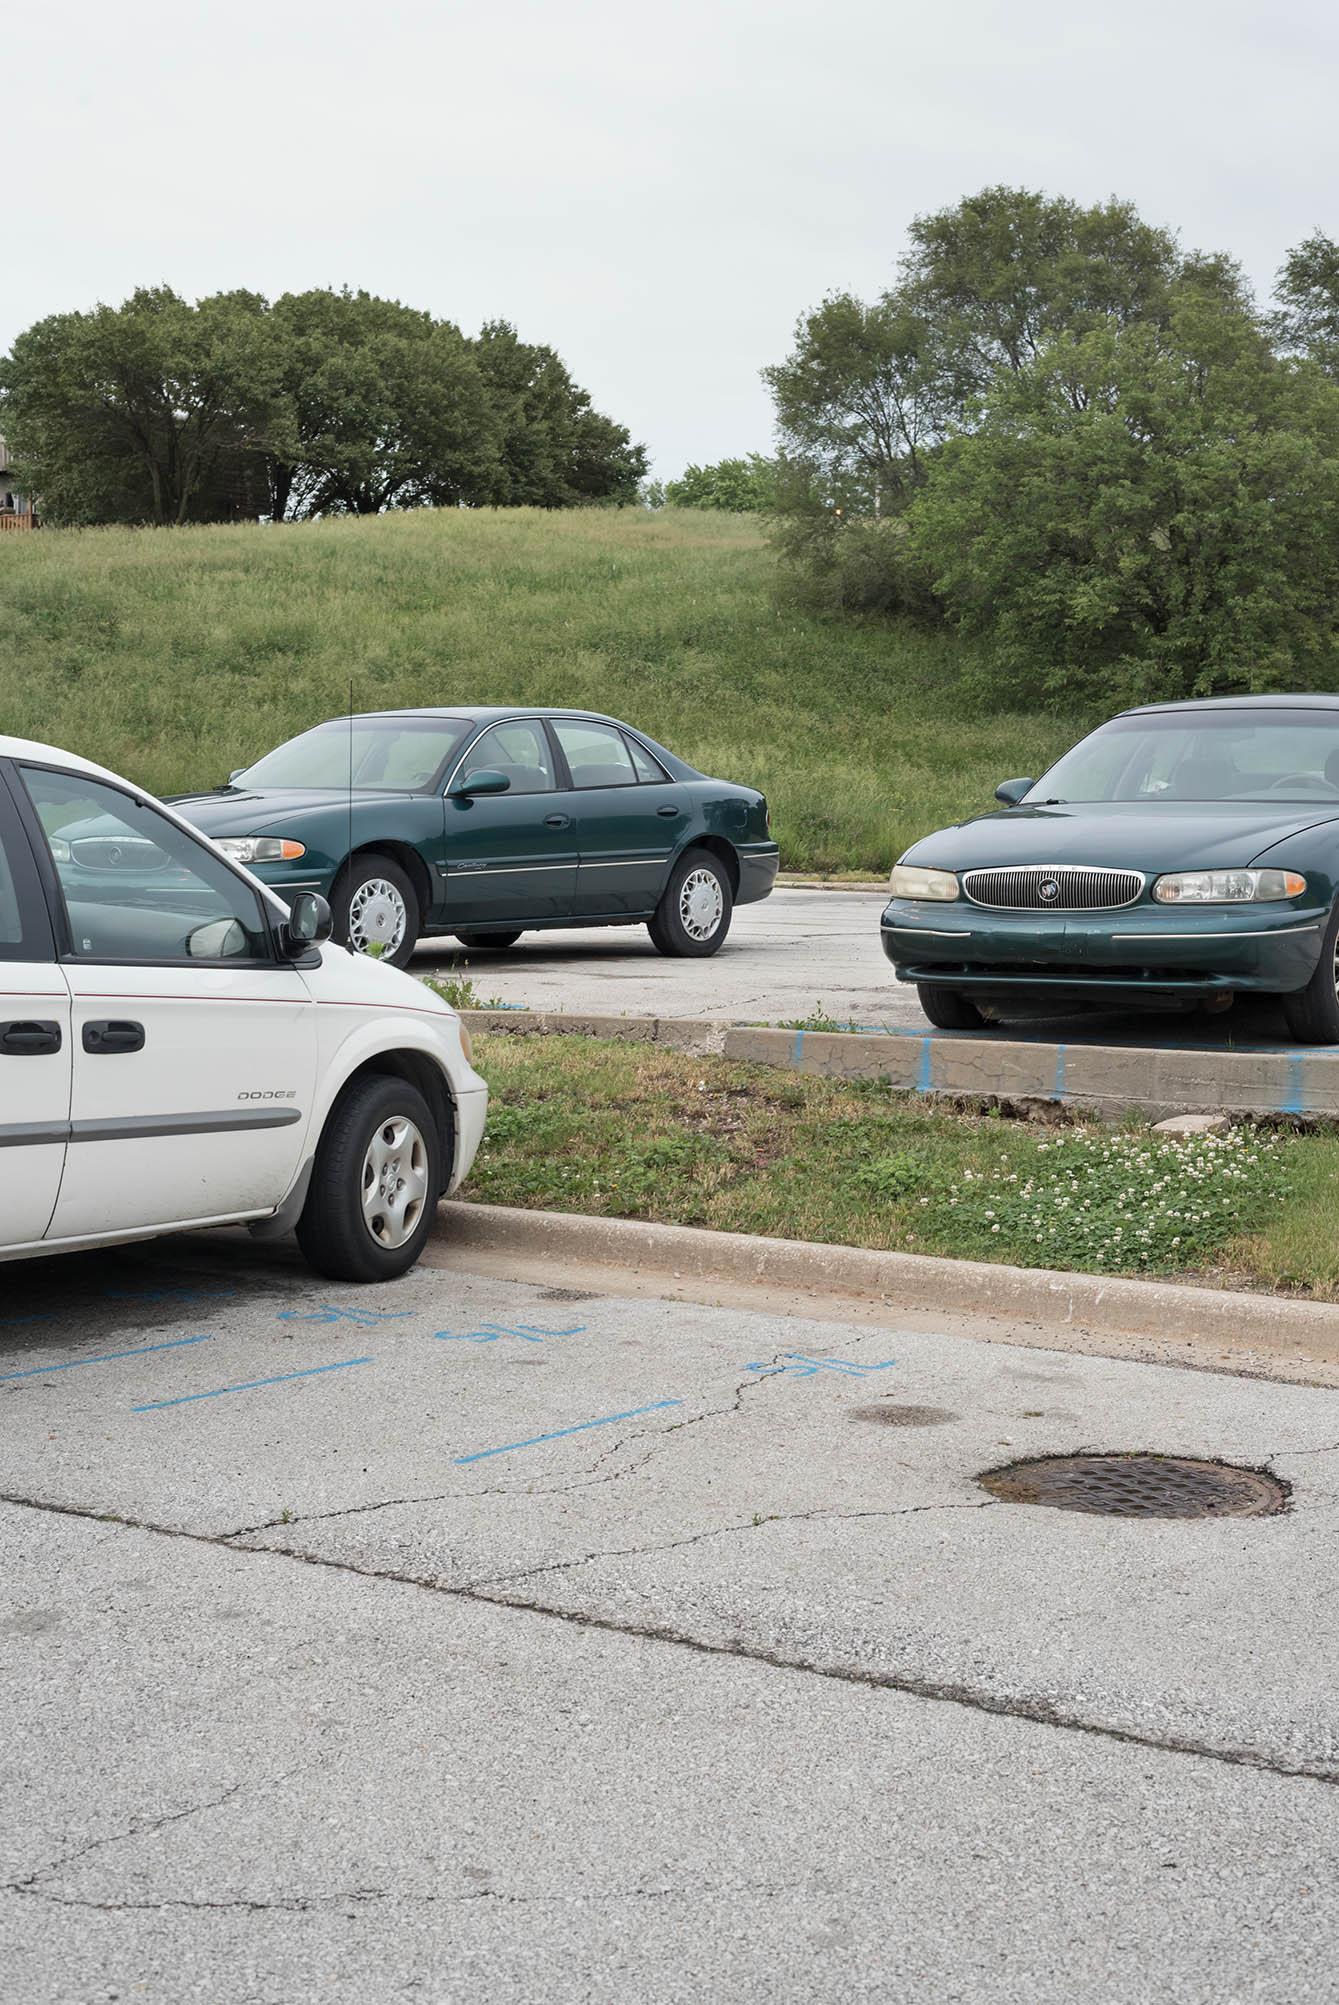 Two_cars_and_van_behind_honey_baked_ham.jpg